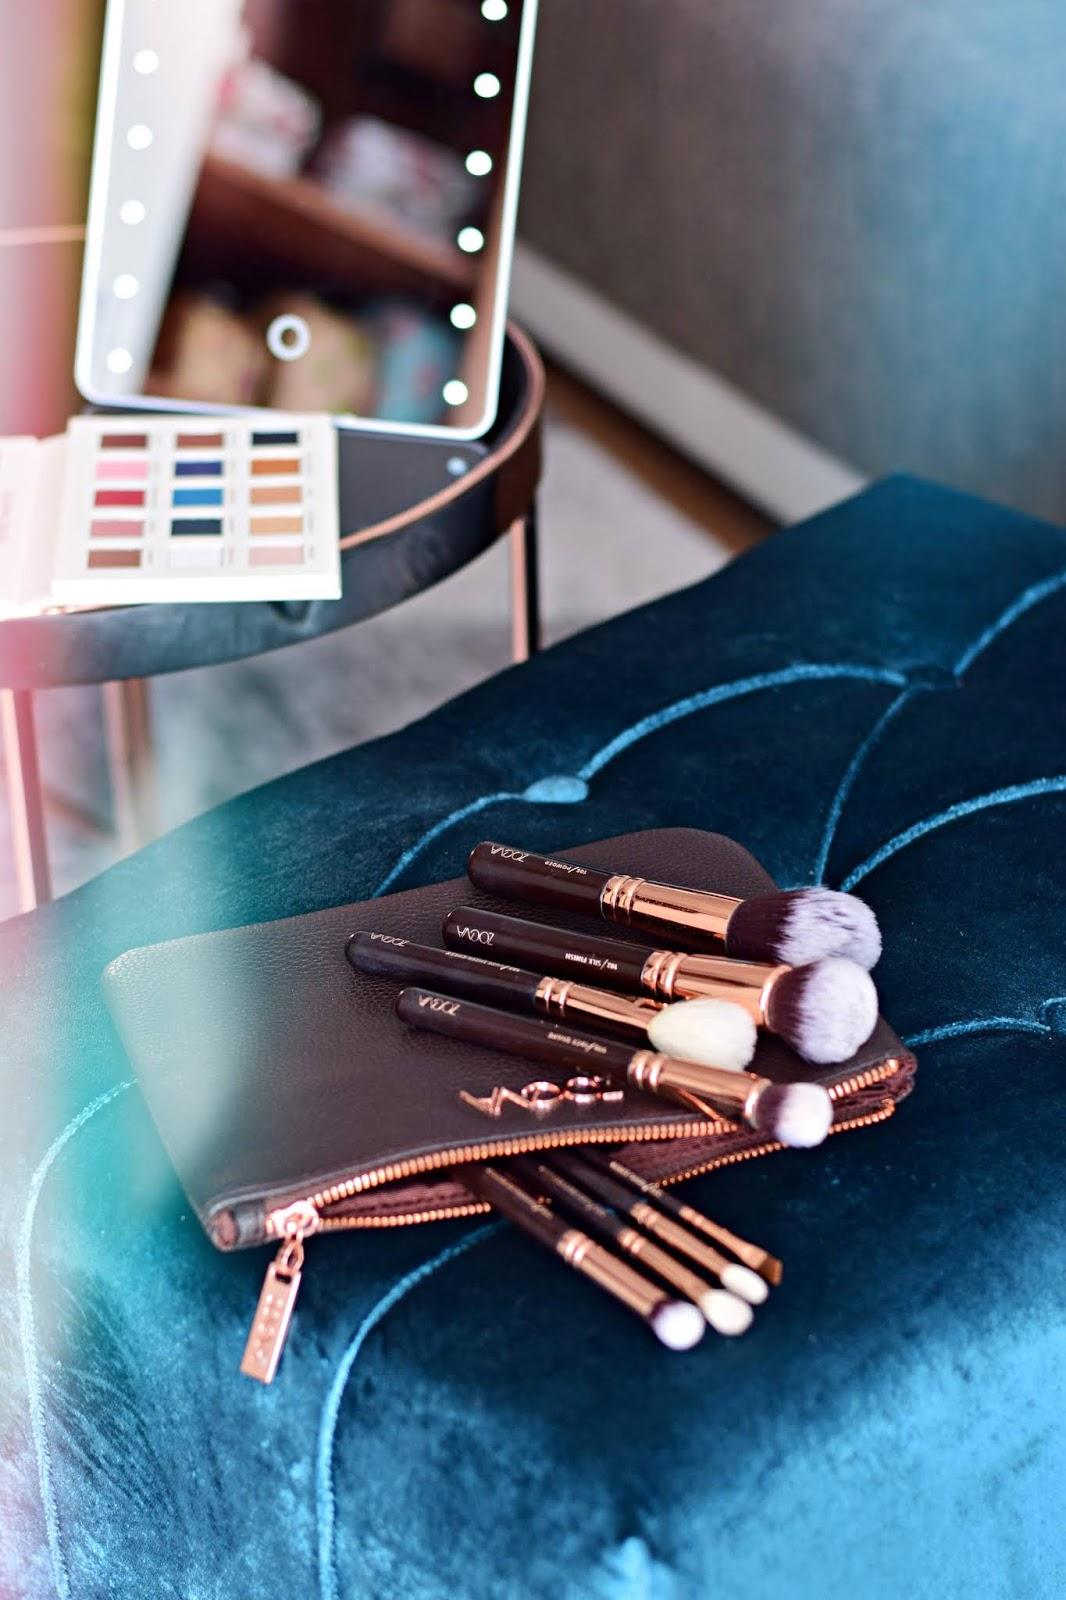 Cała prawda o pędzlach Zoeva | Zestaw Rose Golden Luxury Set Vol. 1 po 4 latach używania - aktualizacja